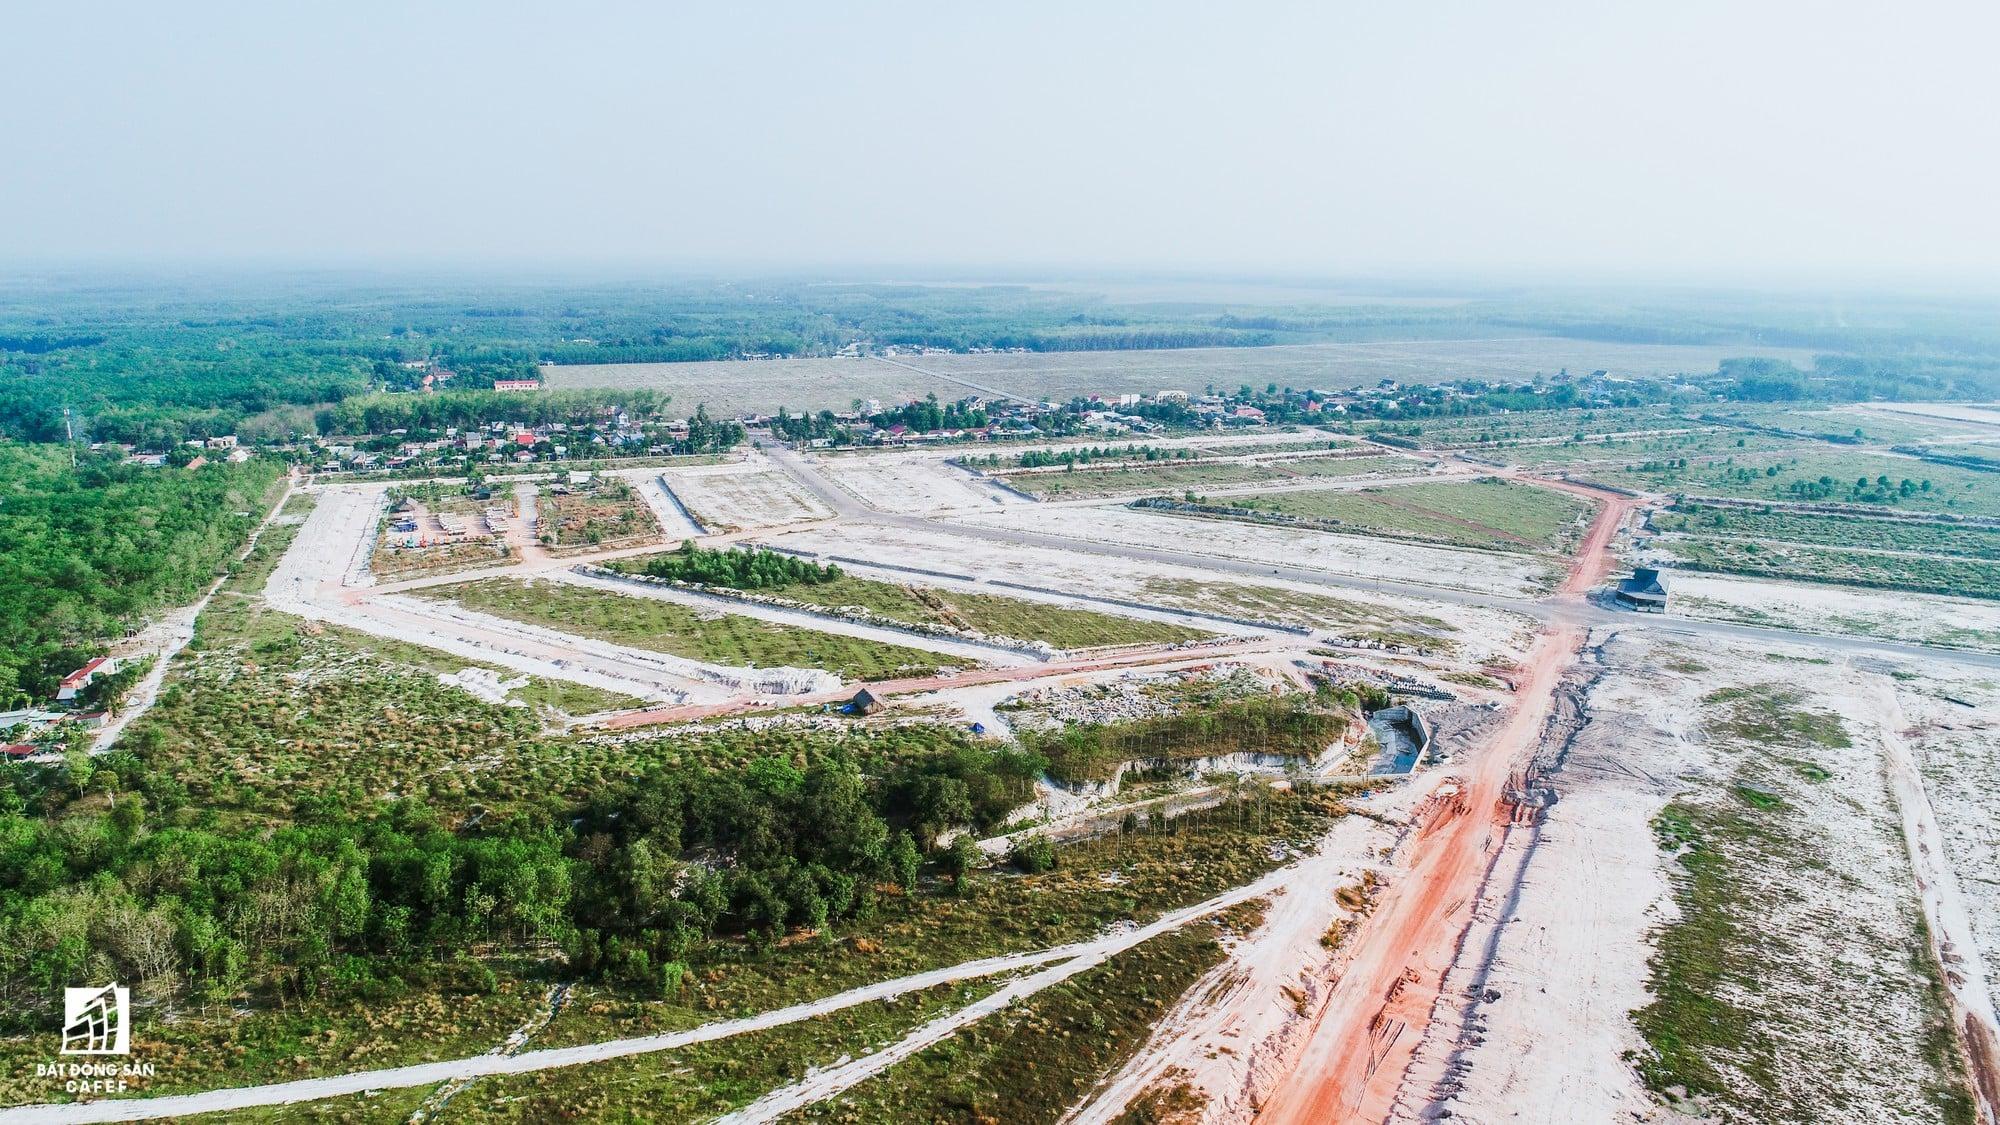 khu cong nghiep becamex binh phuoc - #1 Cảm nhận và đánh giá các dự án đất nền tỉnh Bình Phước năm 2020